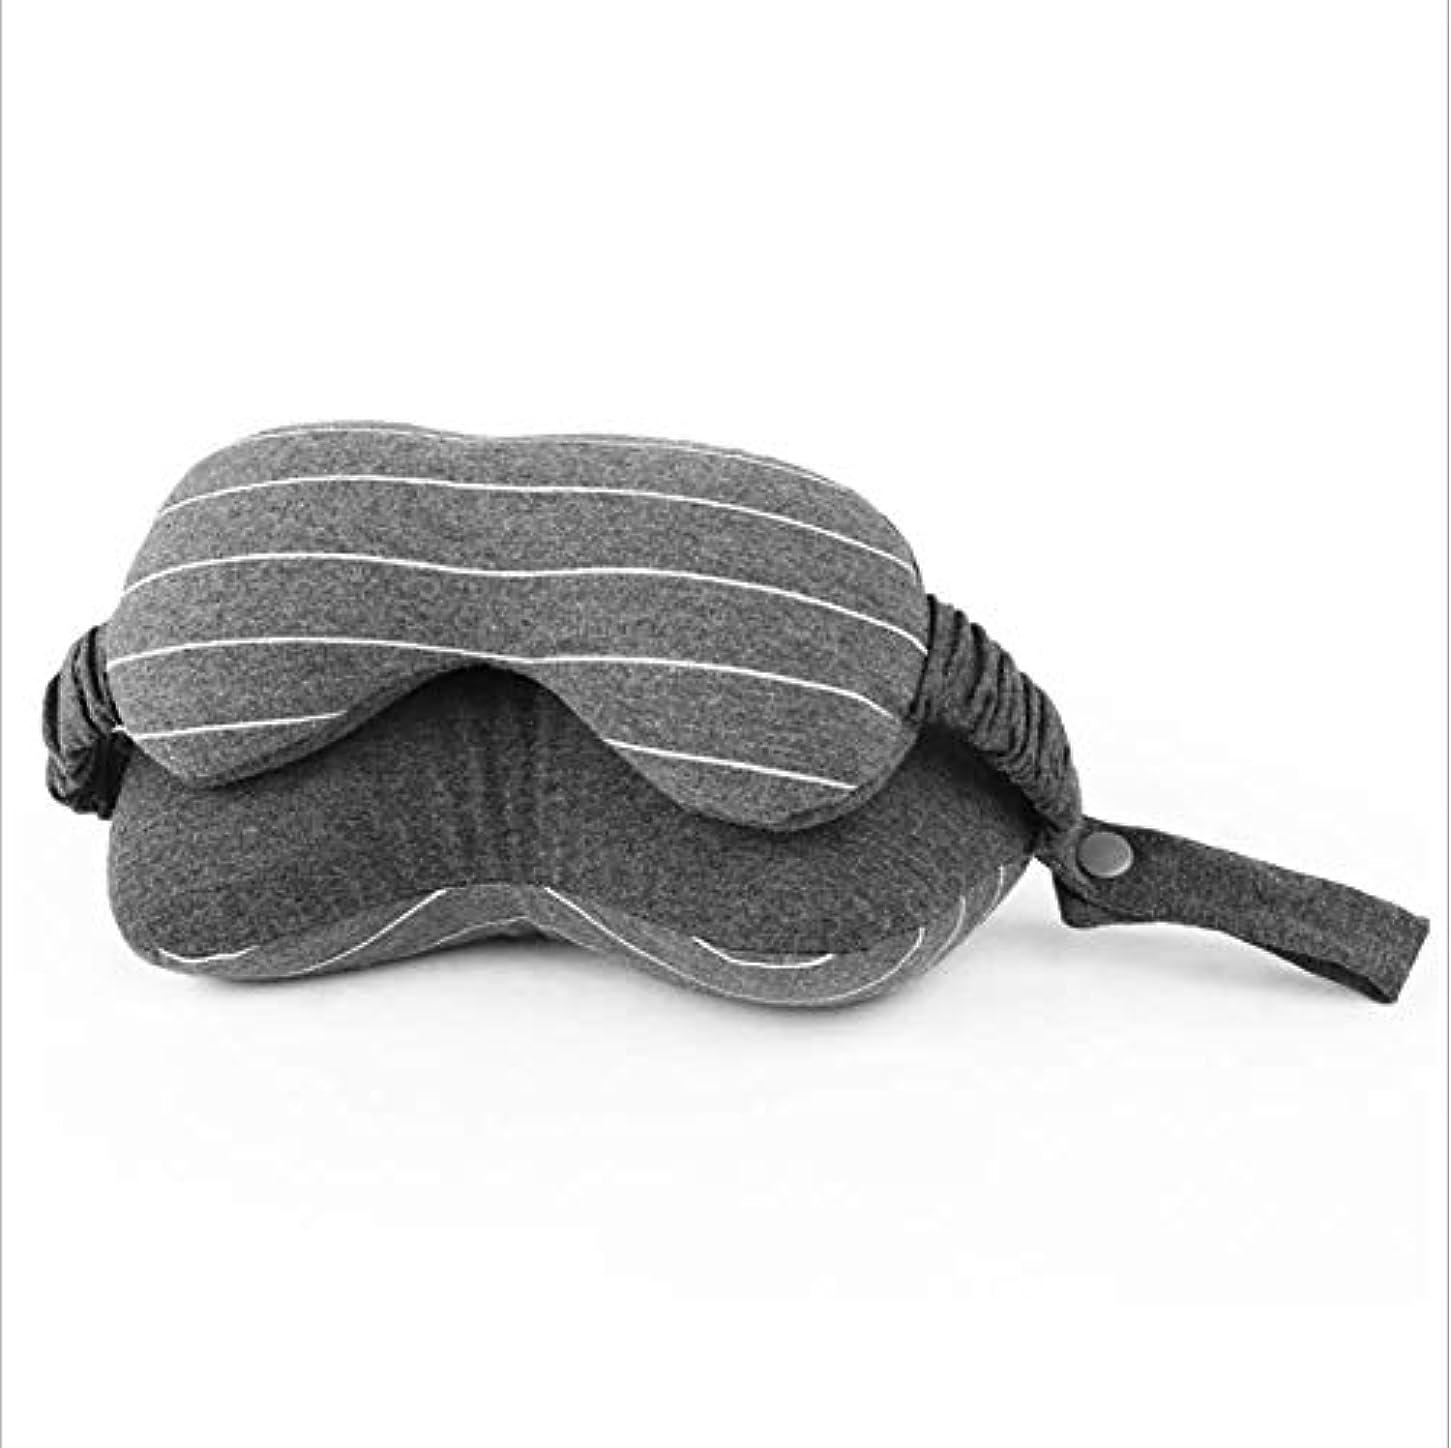 手紙を書く現実ドライアイマスクの枕旅行の睡眠に適していますストレスリリーフユニセックスフルシェーディングソフトで快適な調節可能睡眠に役立ちます